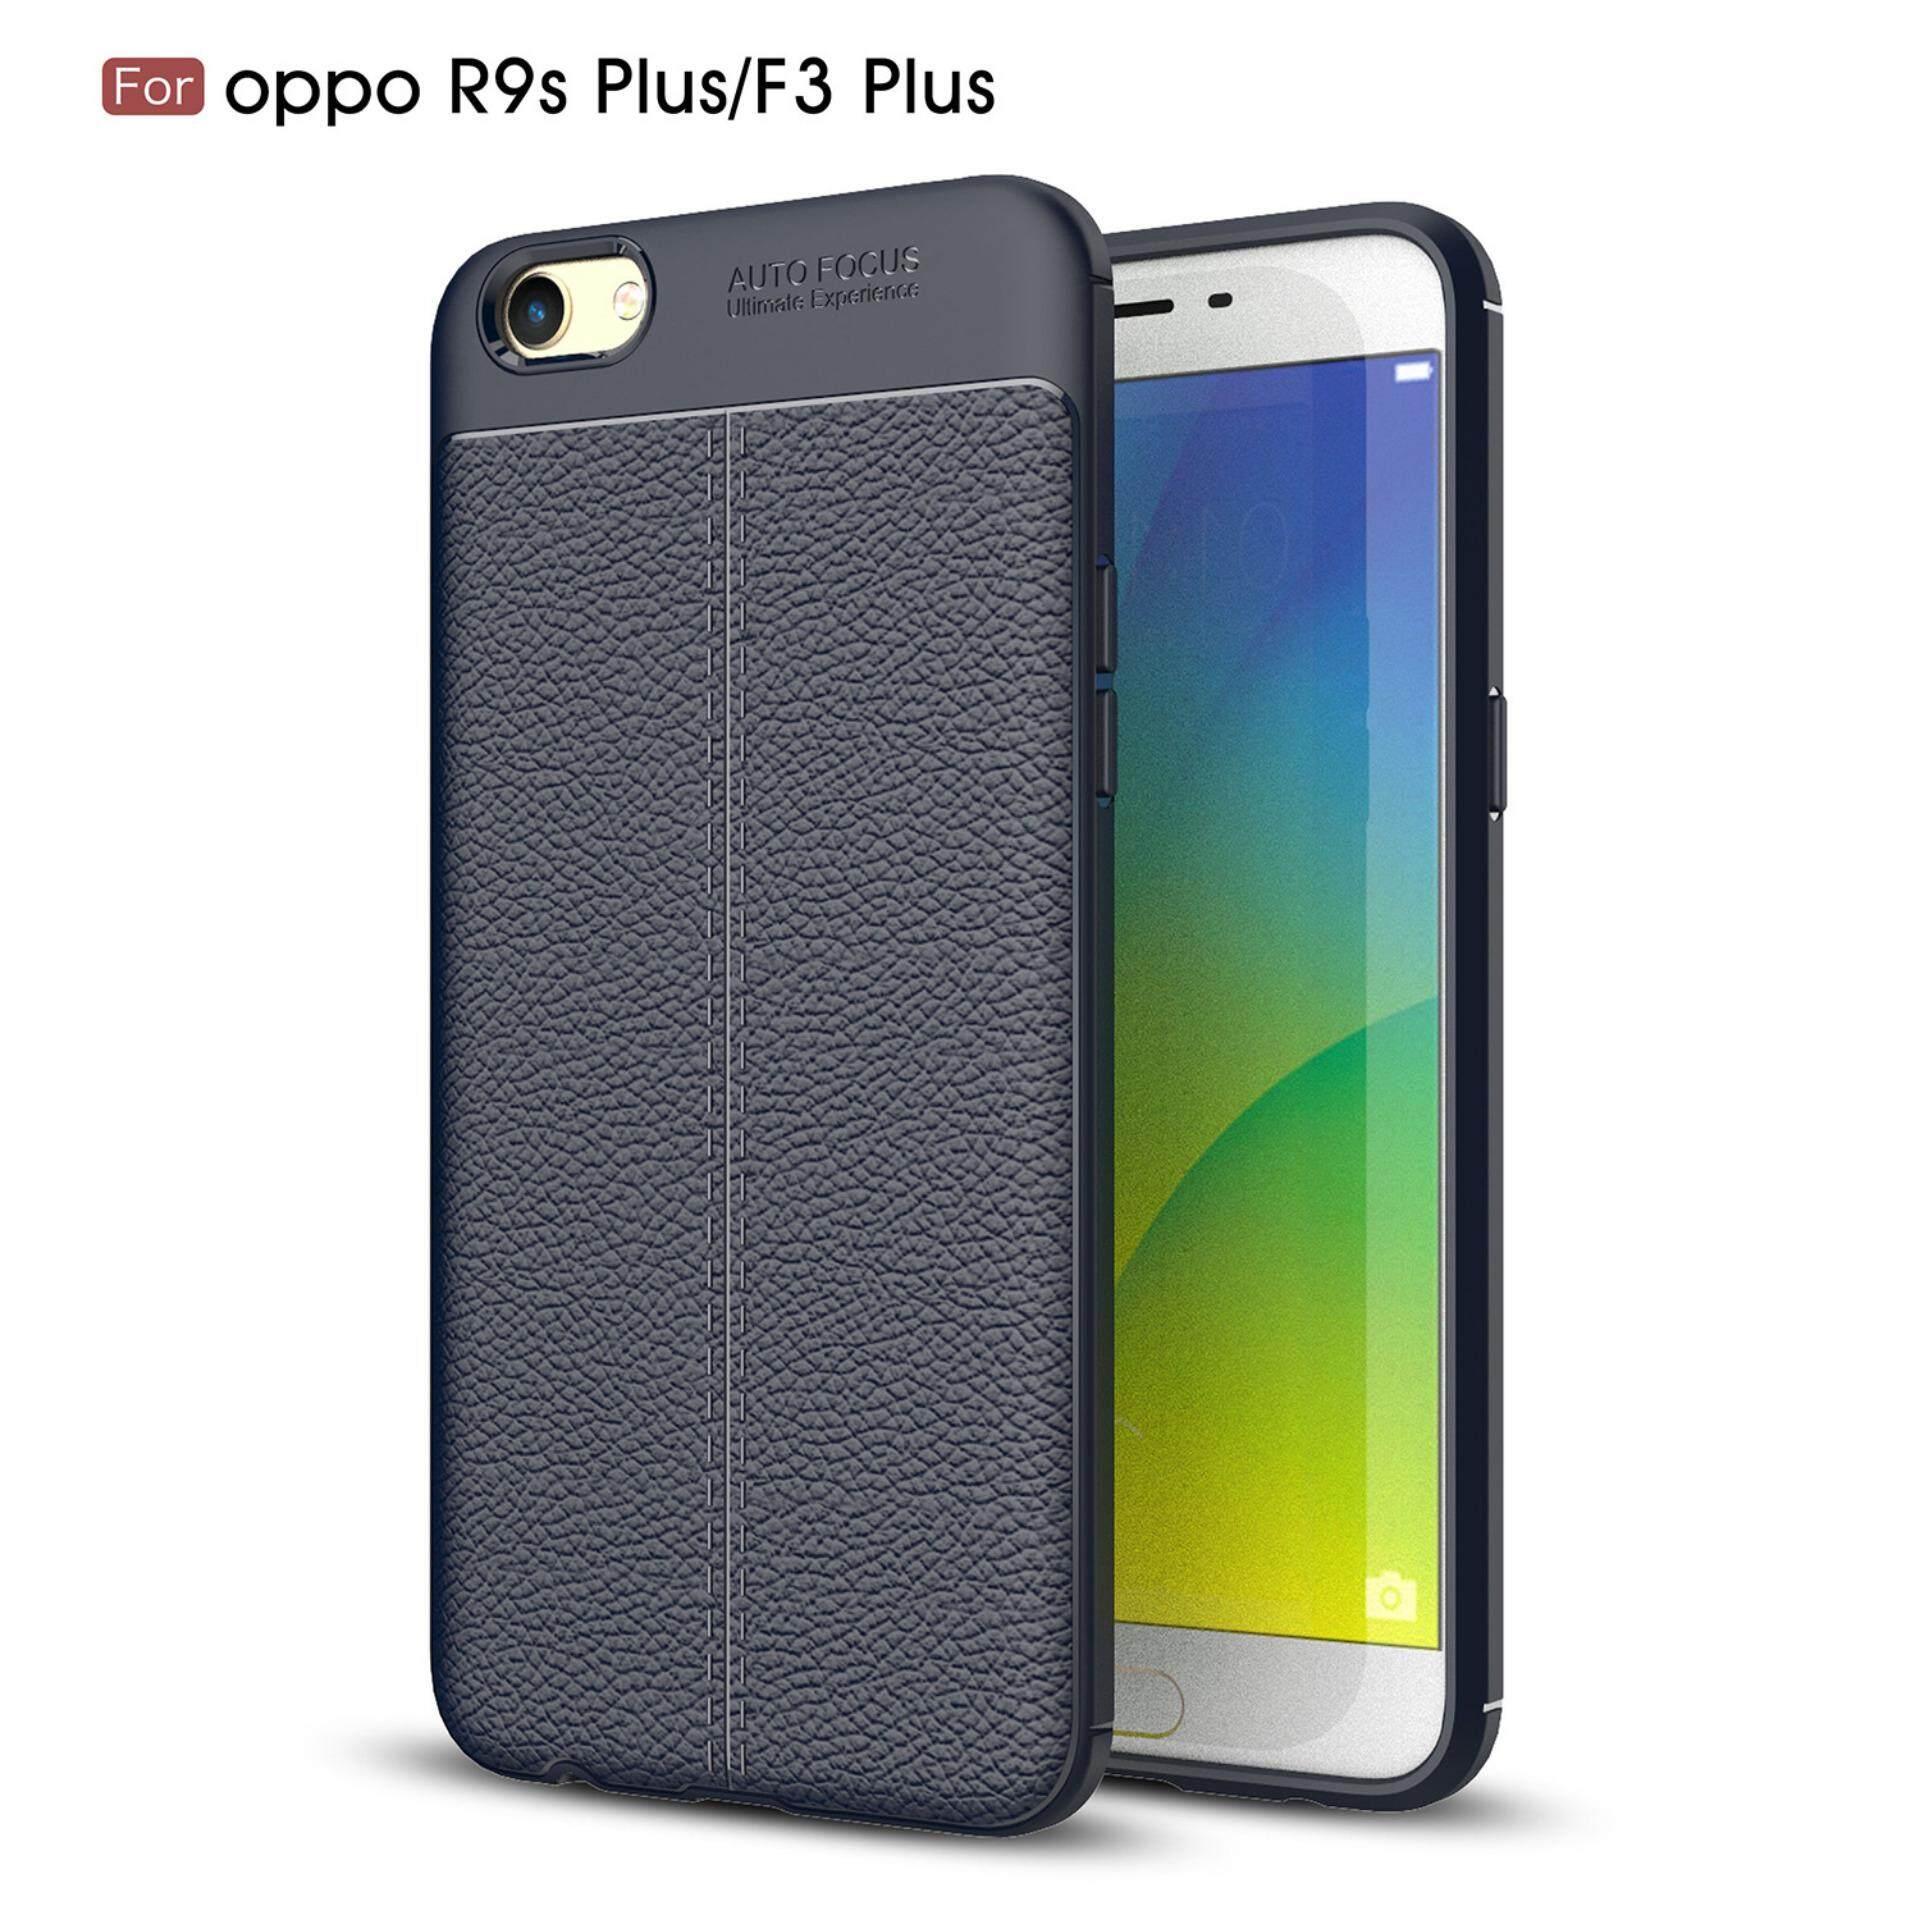 OPPO R9s Plus Case Cover CasingMYR19. MYR 19 .